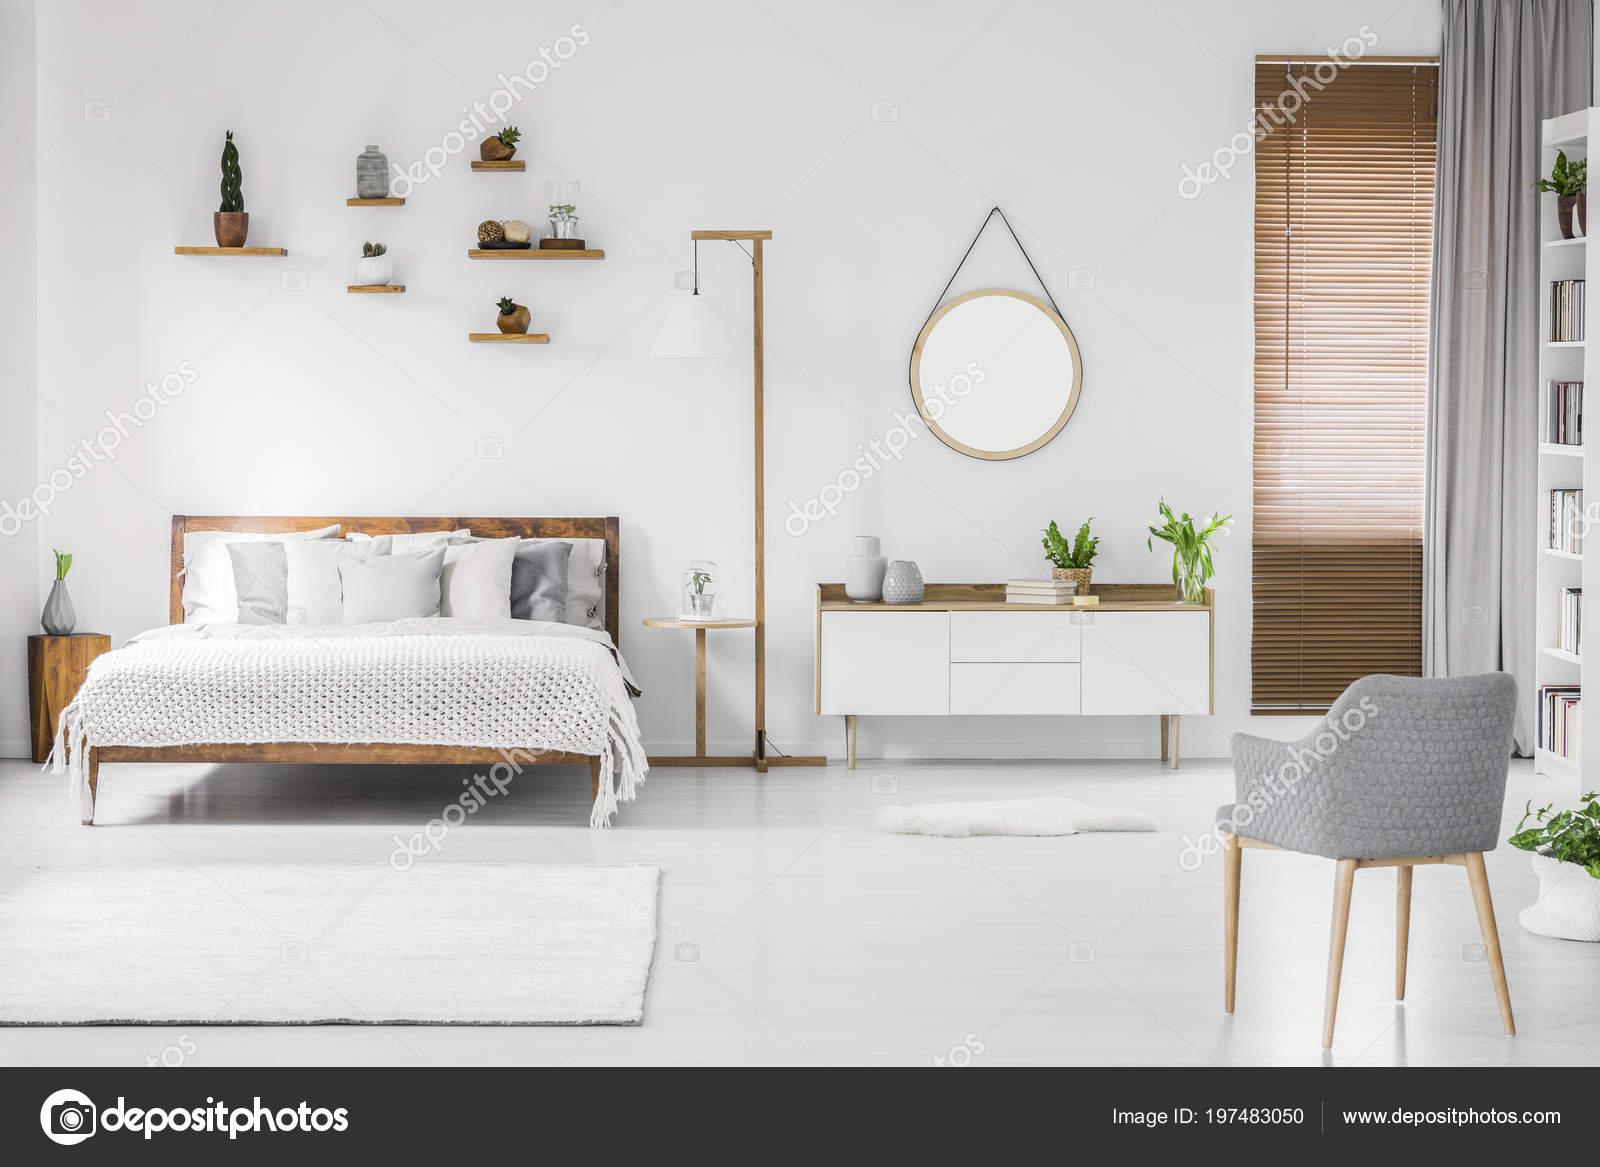 Letti In Legno Bianco : Testate letti lovely letto matrimoniale legno bianco